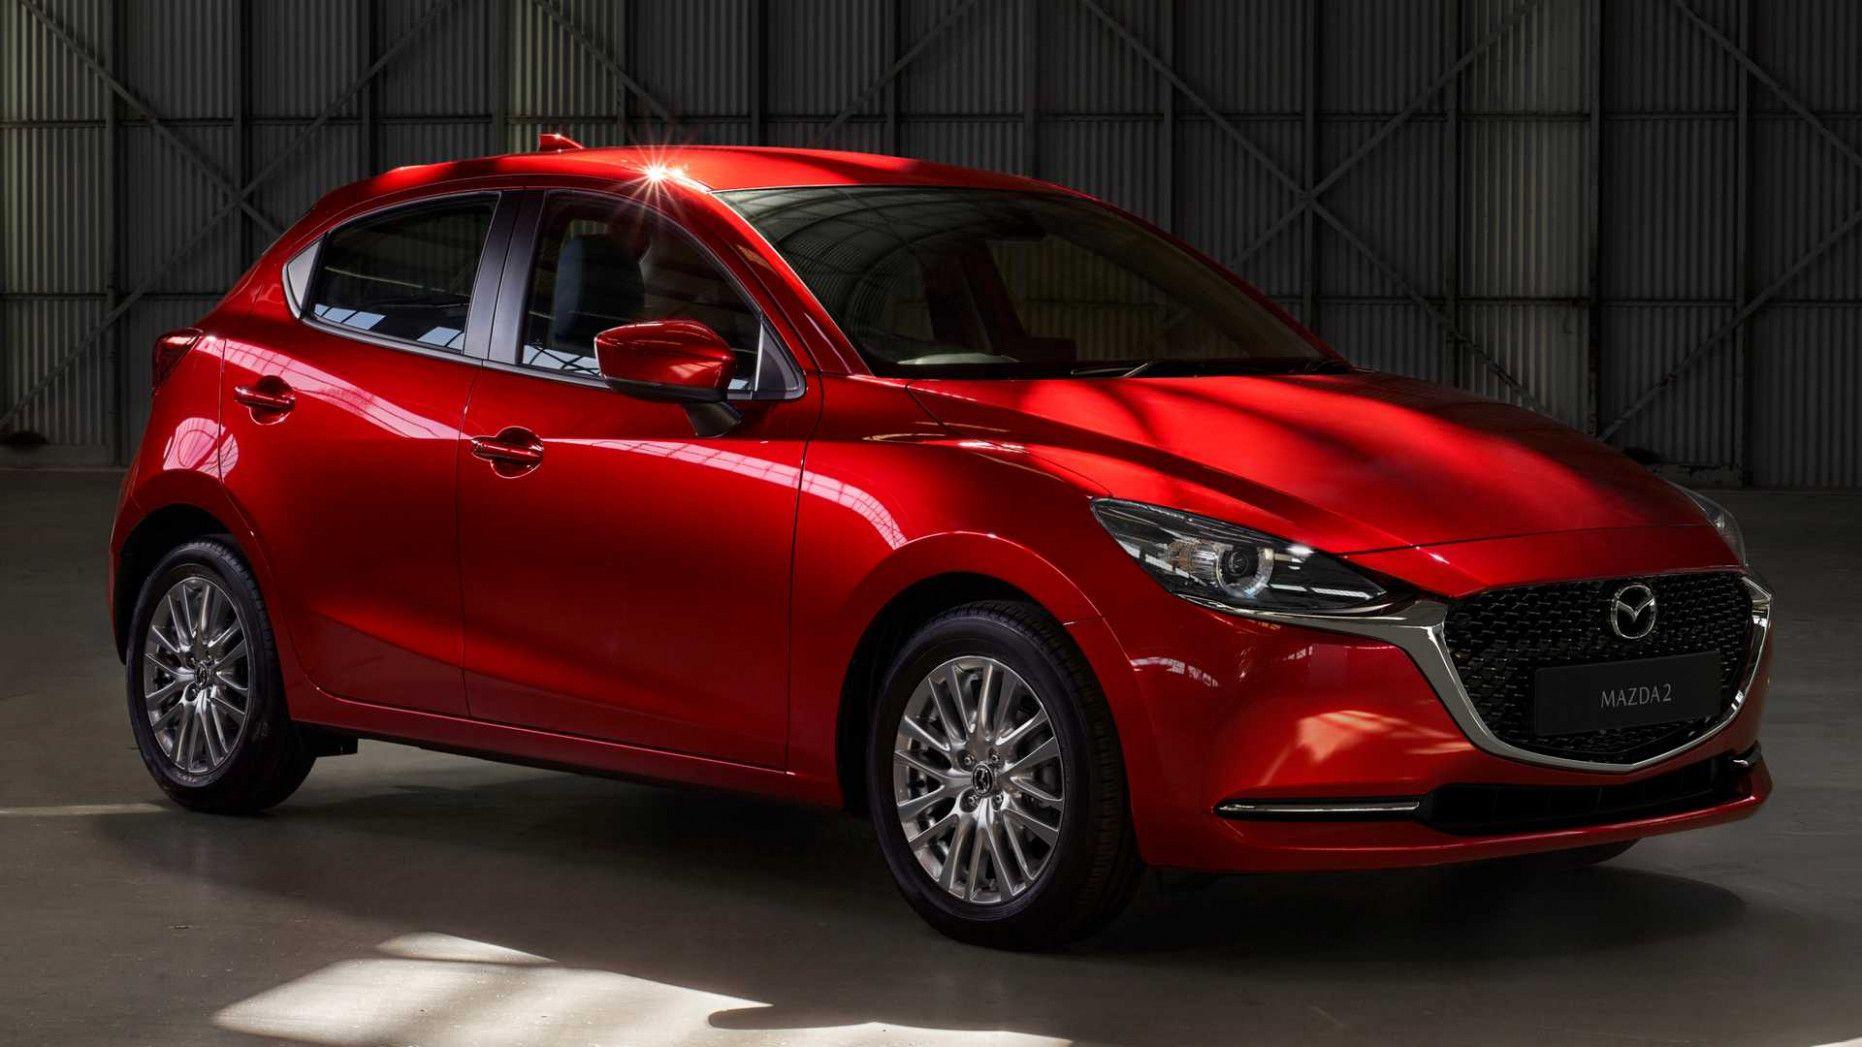 10 Picture Mazda Hybrid Cars 2020 in 2020 Mazda, Mazda 2